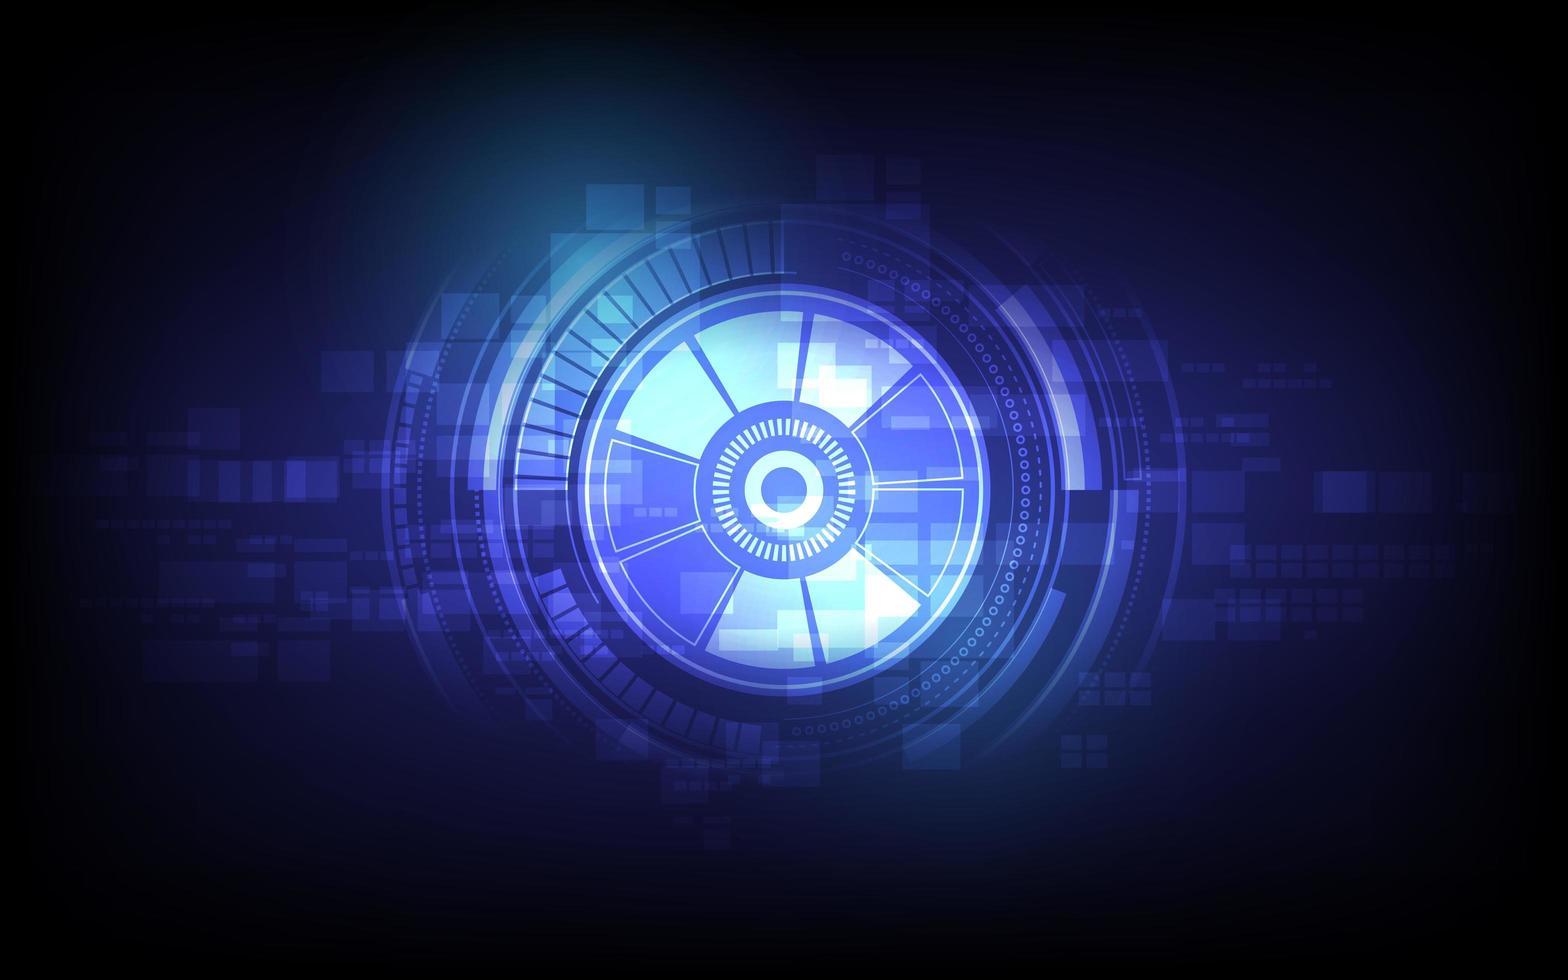 framtida teknikögonboll, säkerhetskonceptbakgrund vektor